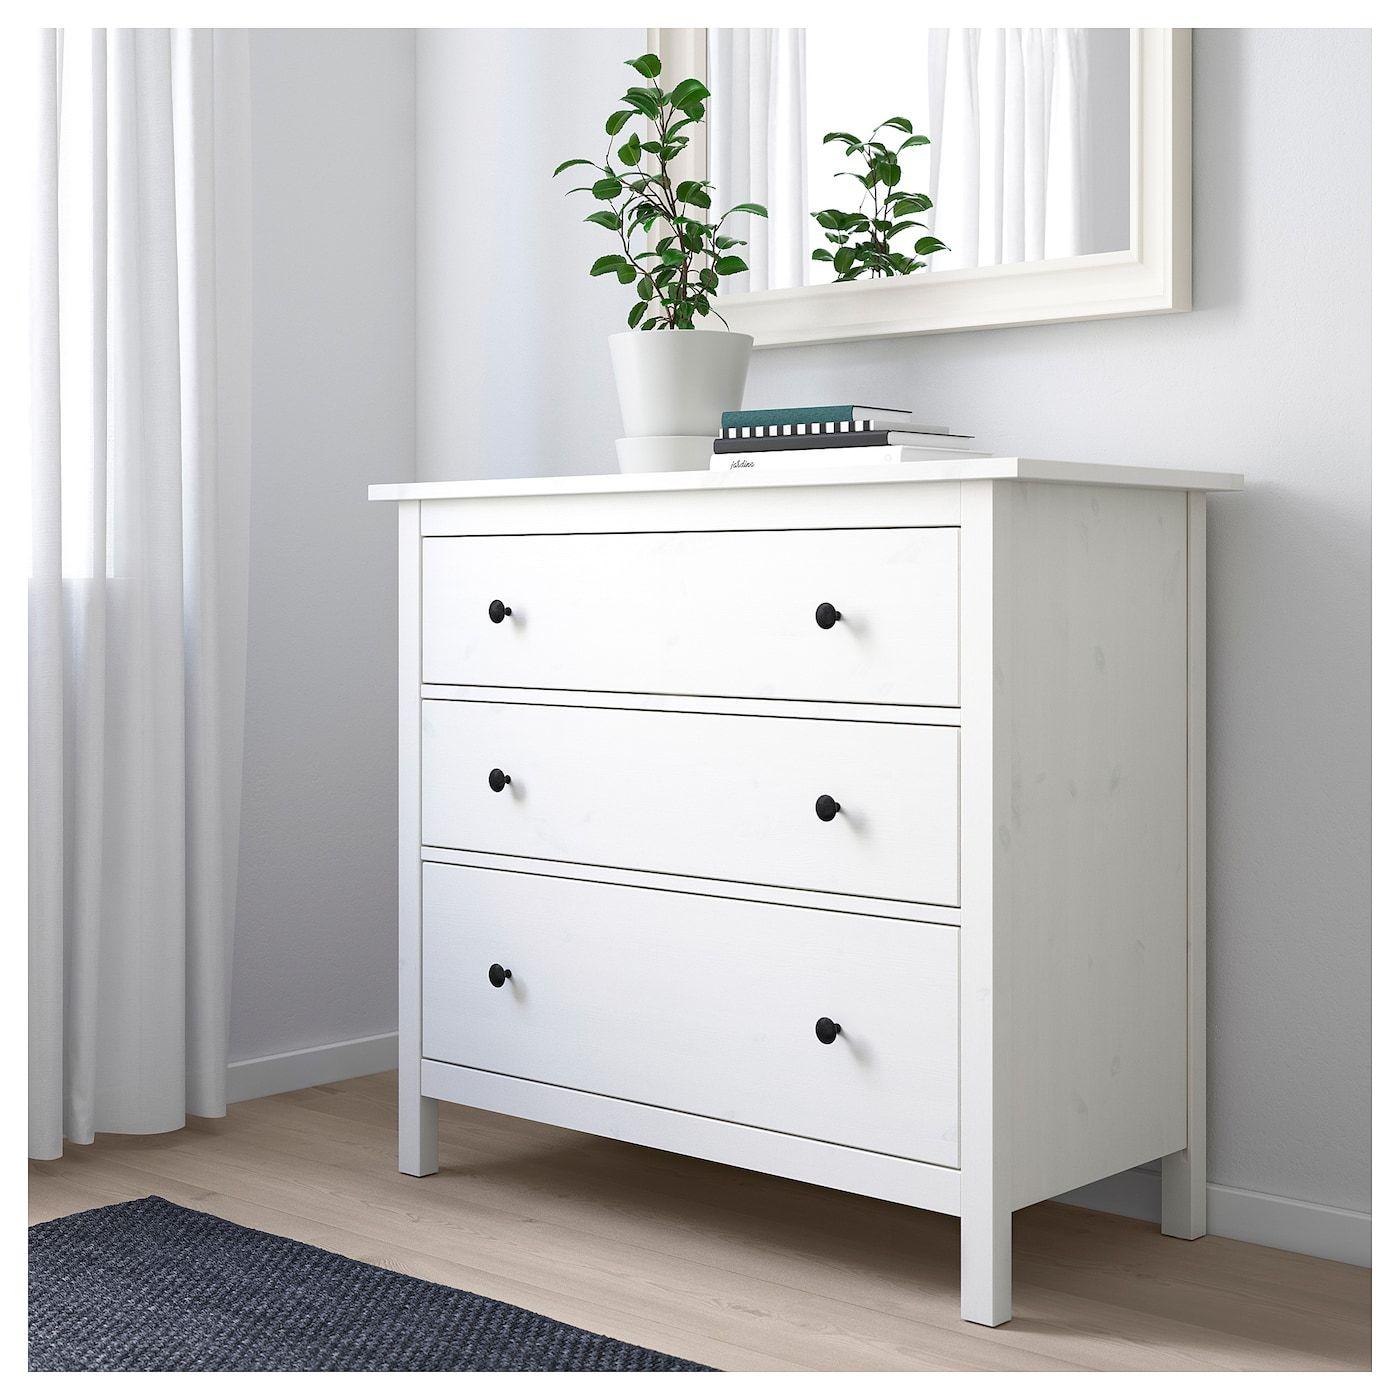 HEMNES Kommode mit 3 Schubladen weiß gebeizt IKEA